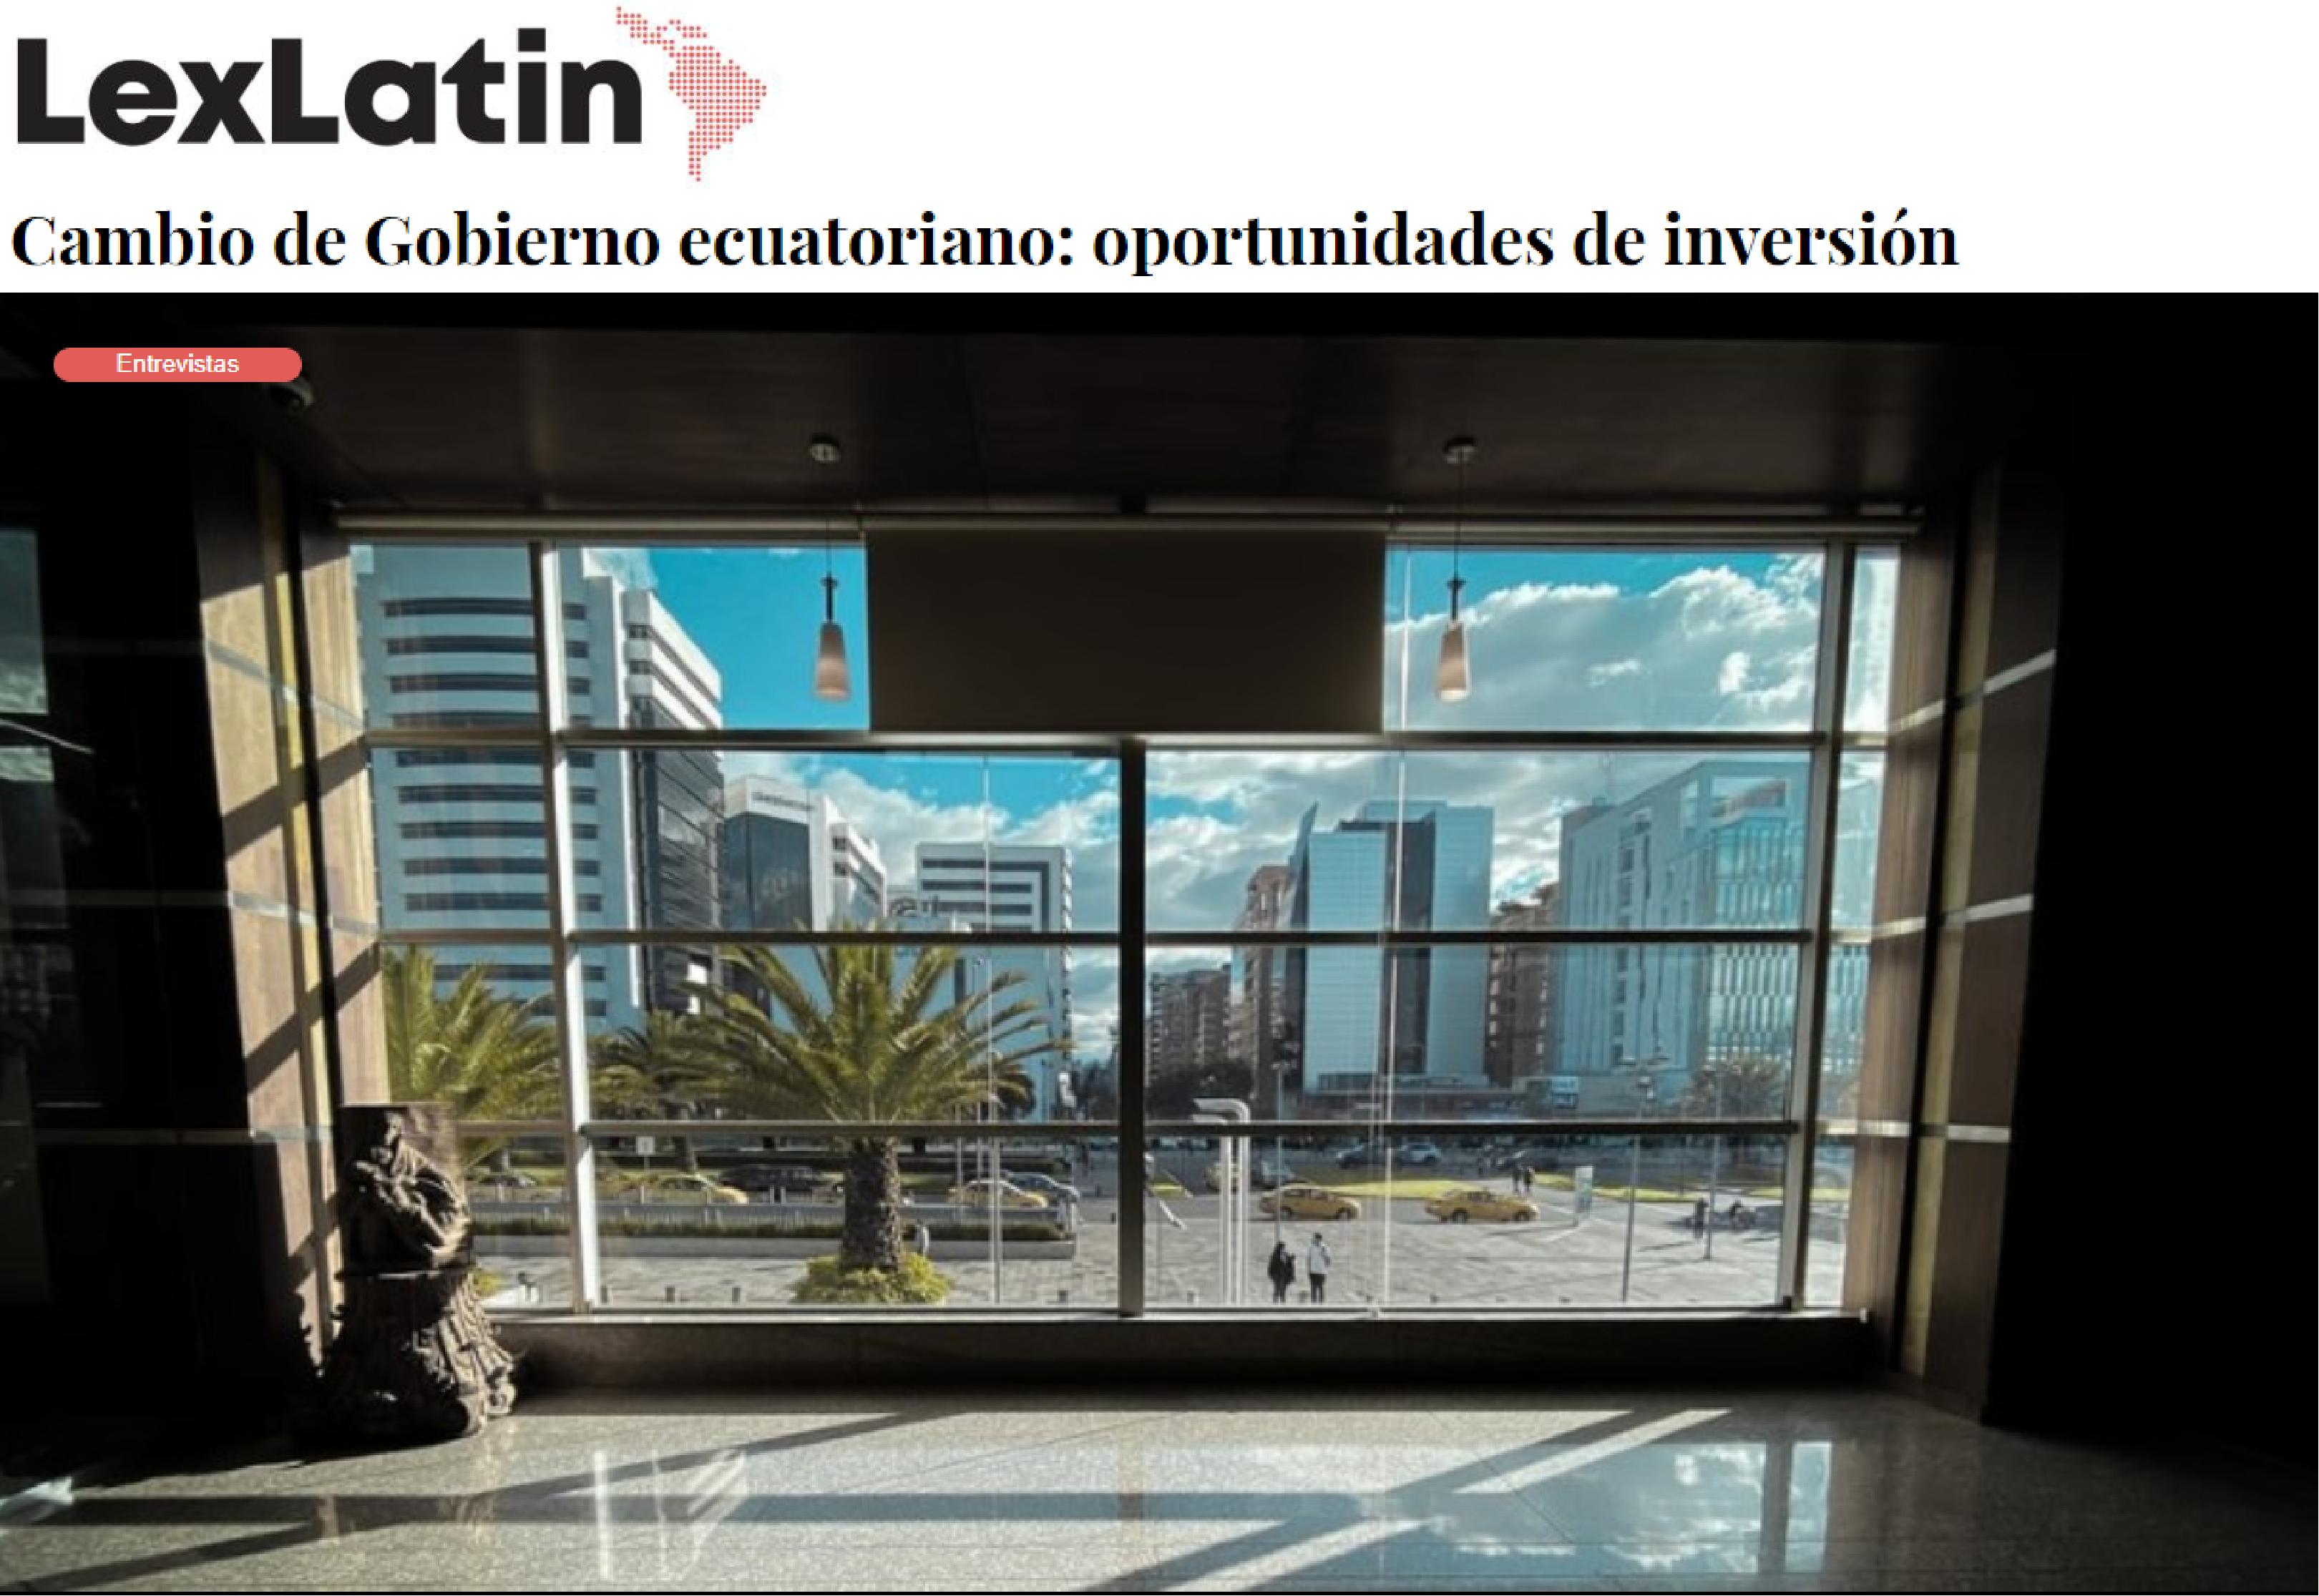 LexLatin - Cambio de Gobierno ecuatoriano: oportunidades de inversión - CorralRosales - Abogados Ecuador